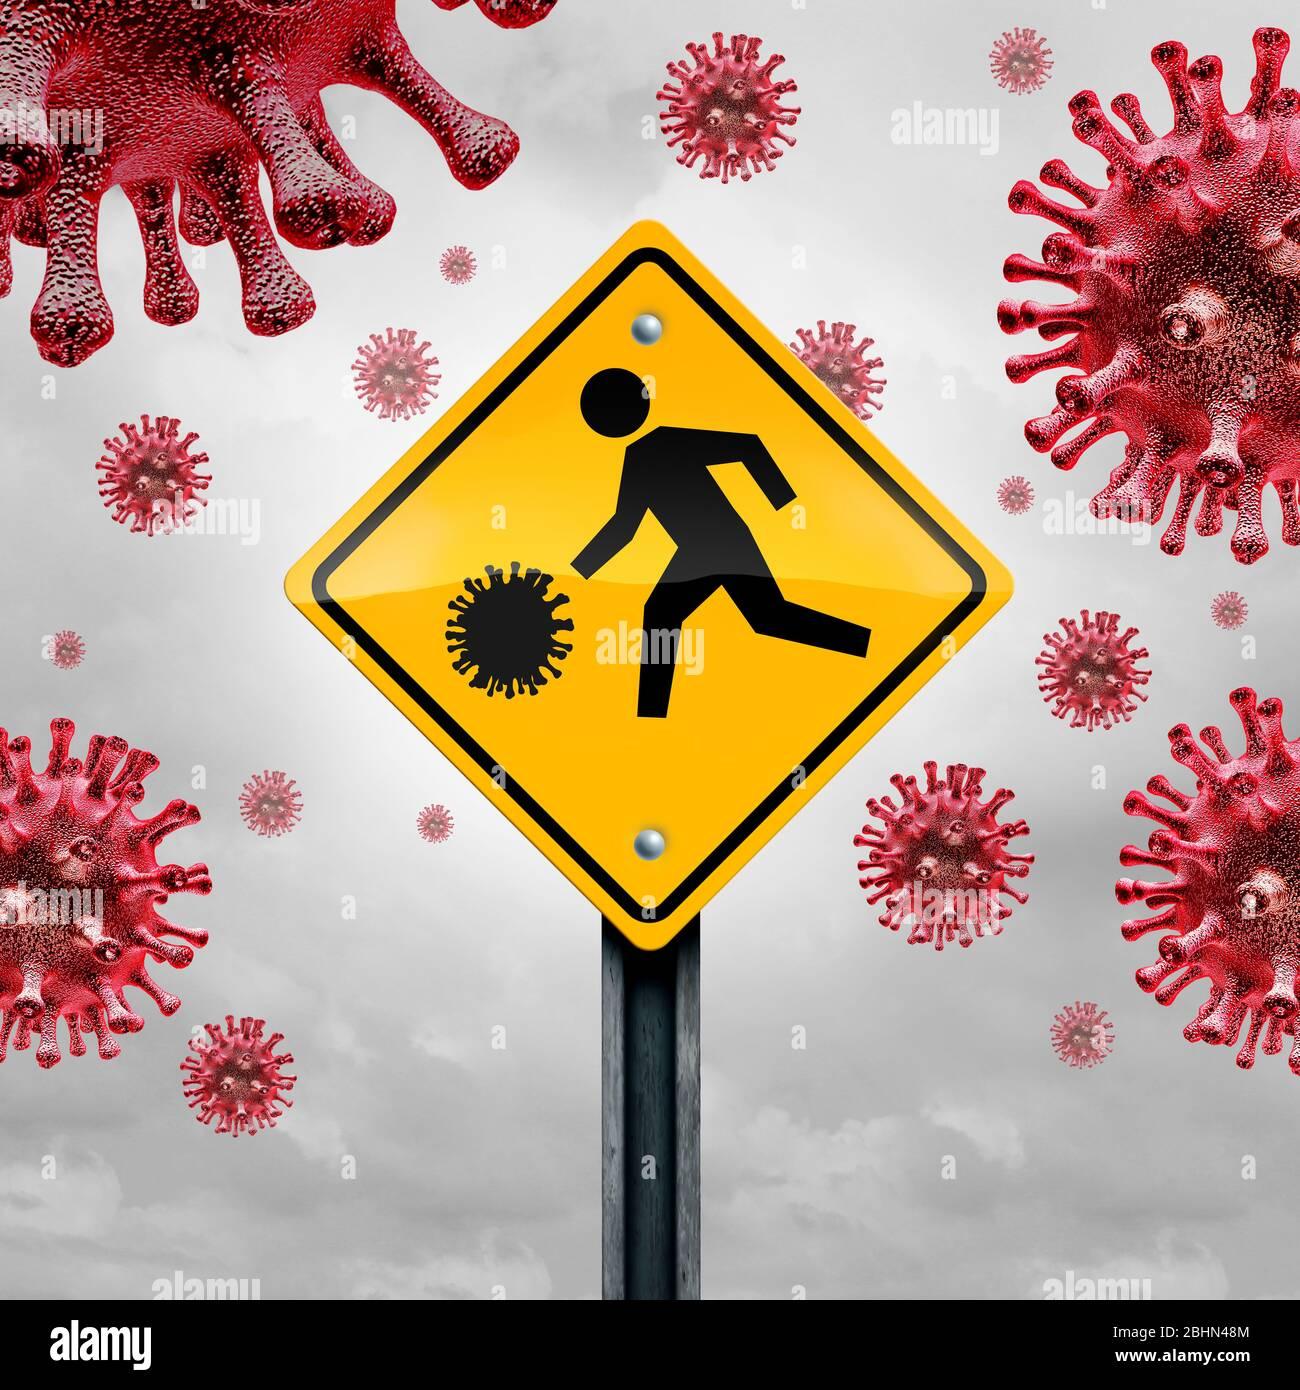 Concept d'école et de maladie comme signe de circulation étudiant avec une cellule virale comme avertissement pour la grippe ou le coronavirus et l'éclosion de Covid-19 dans les écoles. Banque D'Images